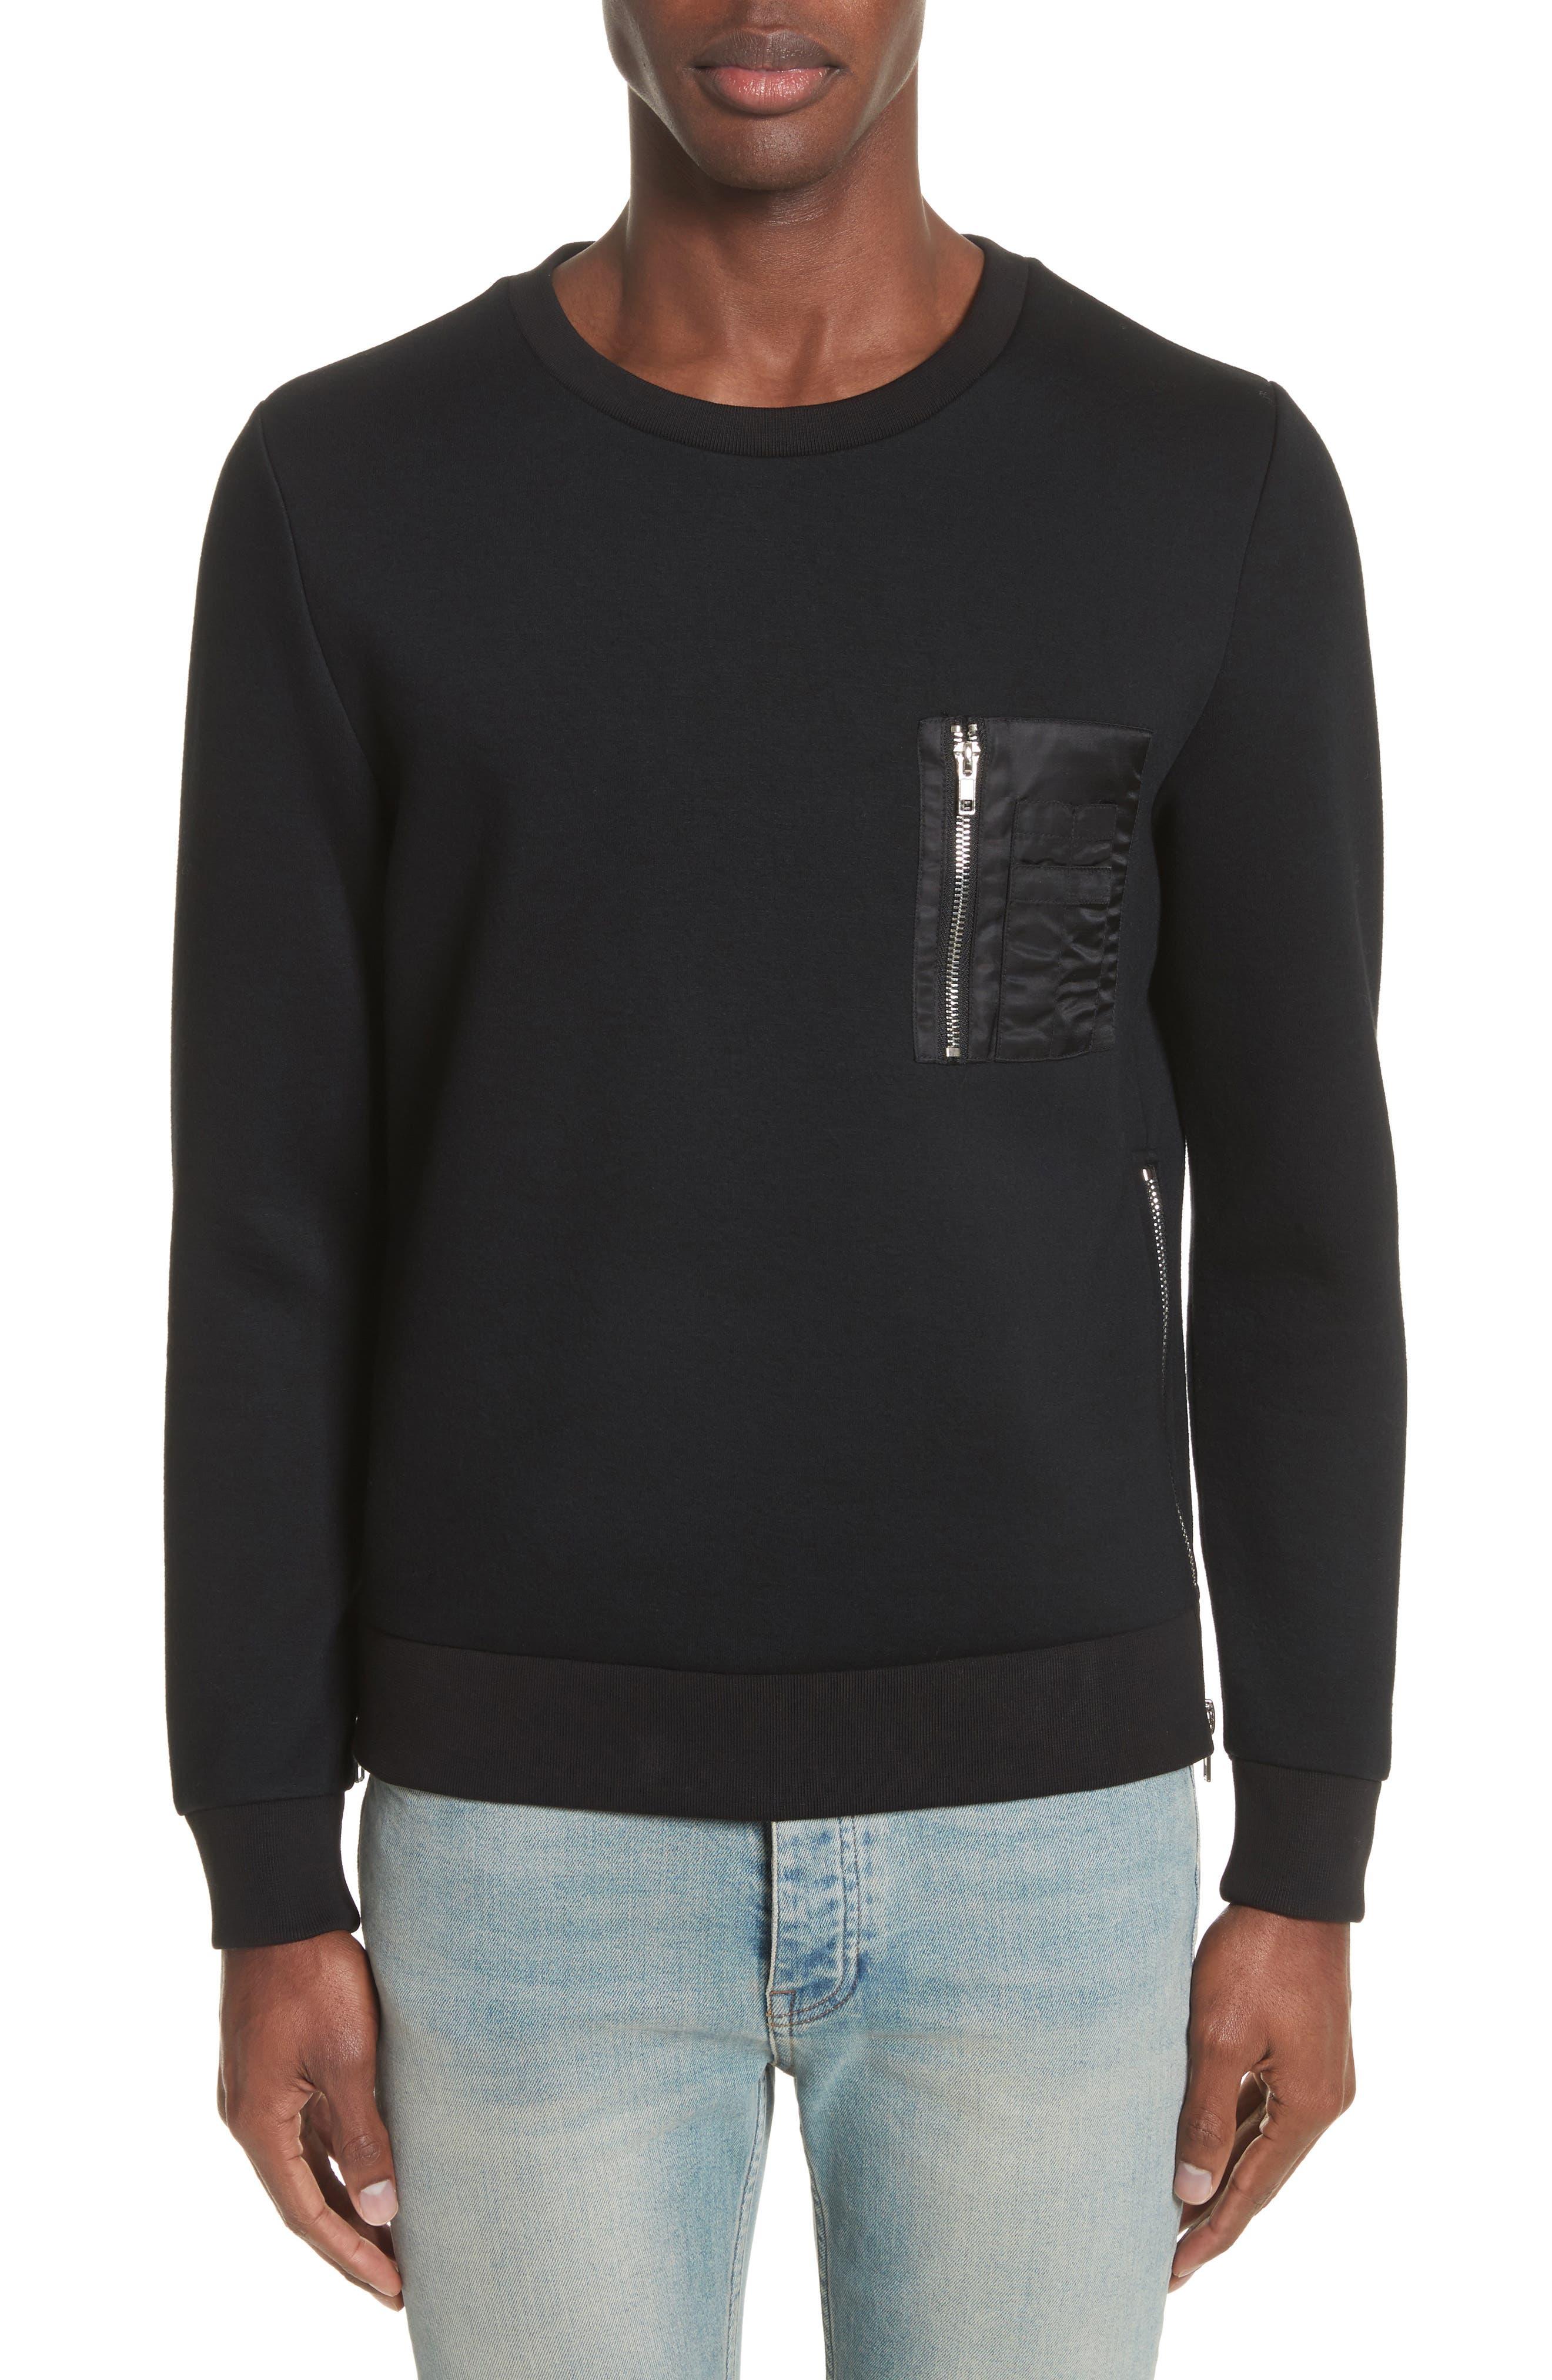 Main Image - The Kooples Fleece Sweatshirt